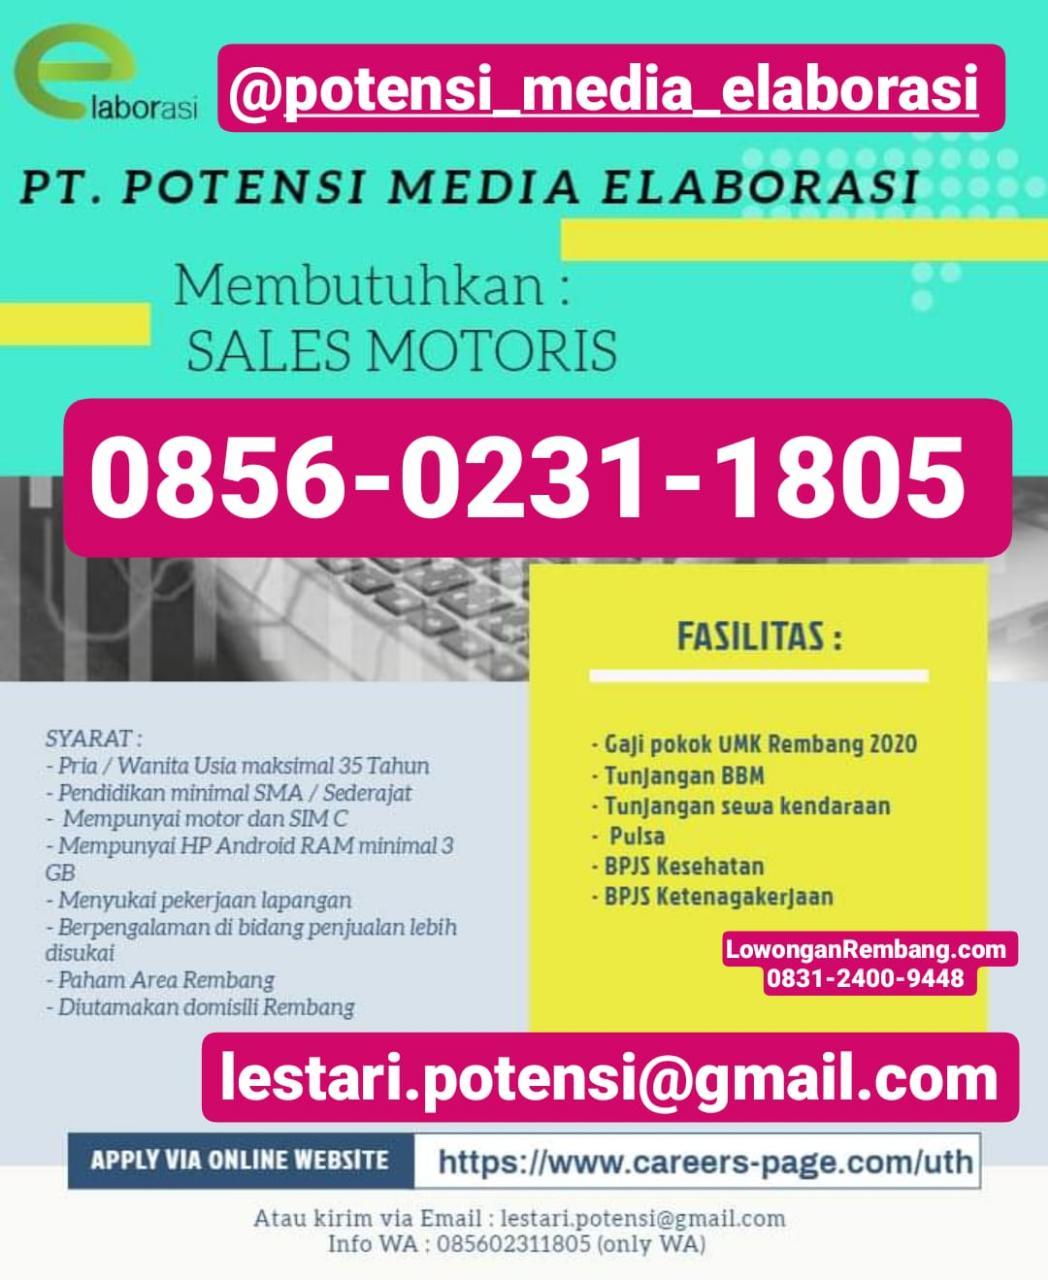 PT Potensi Media Elaborasi Buka Lowongan Kerja Sales Motoris Penempatan Rembang